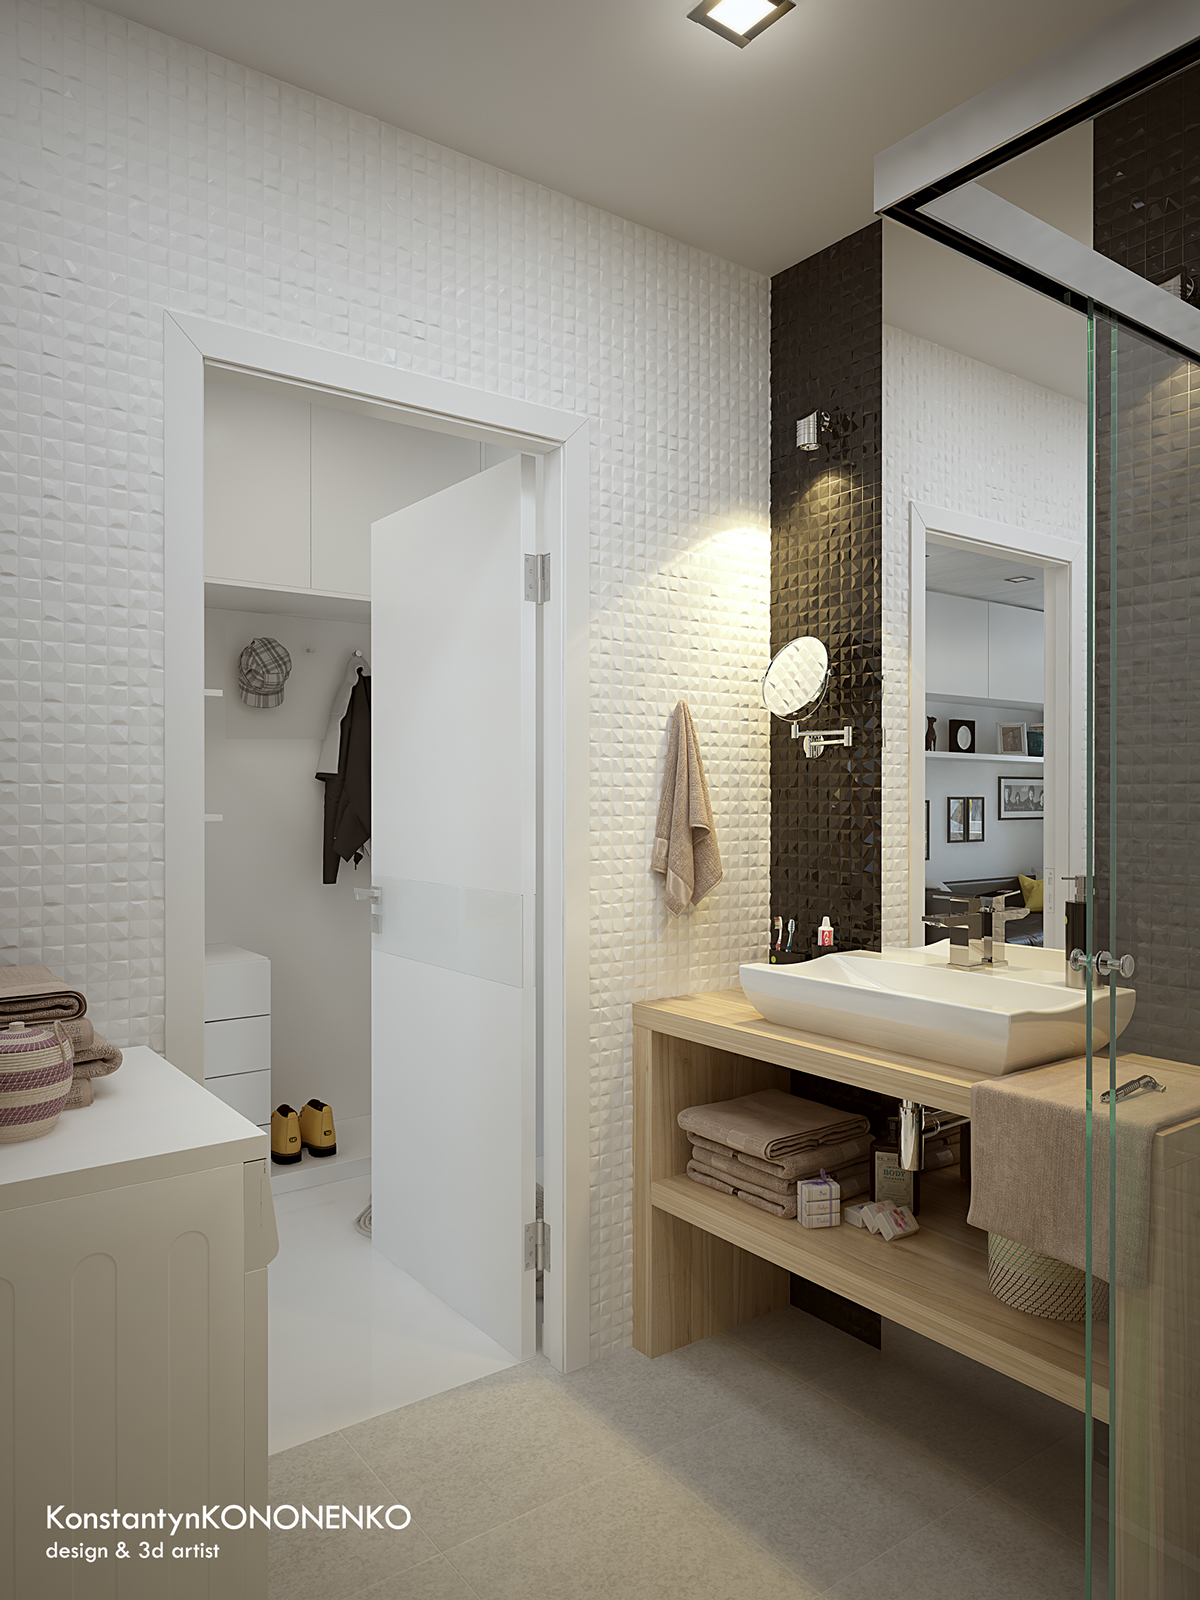 Интерьер маленькой квартиры в контрастных тонах - ванная